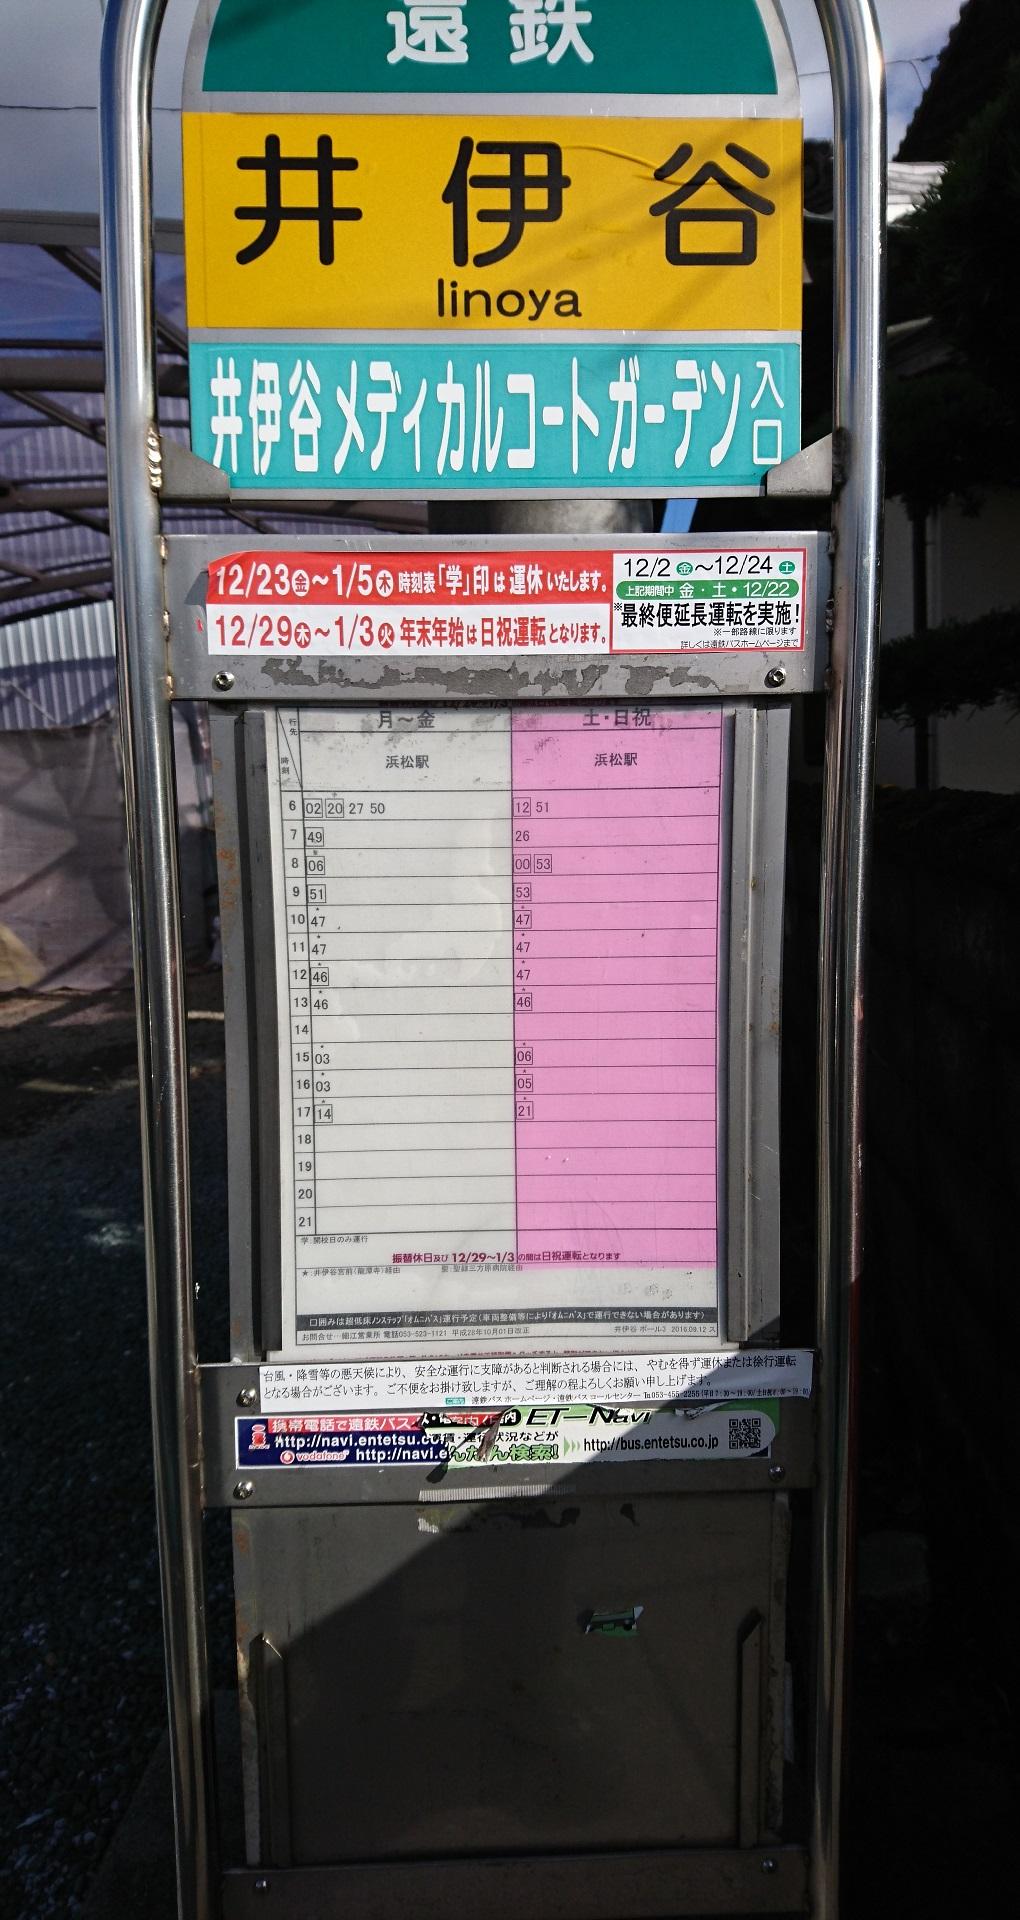 2016.12.23 井伊谷 (13) 井伊谷バス停 1020-1920